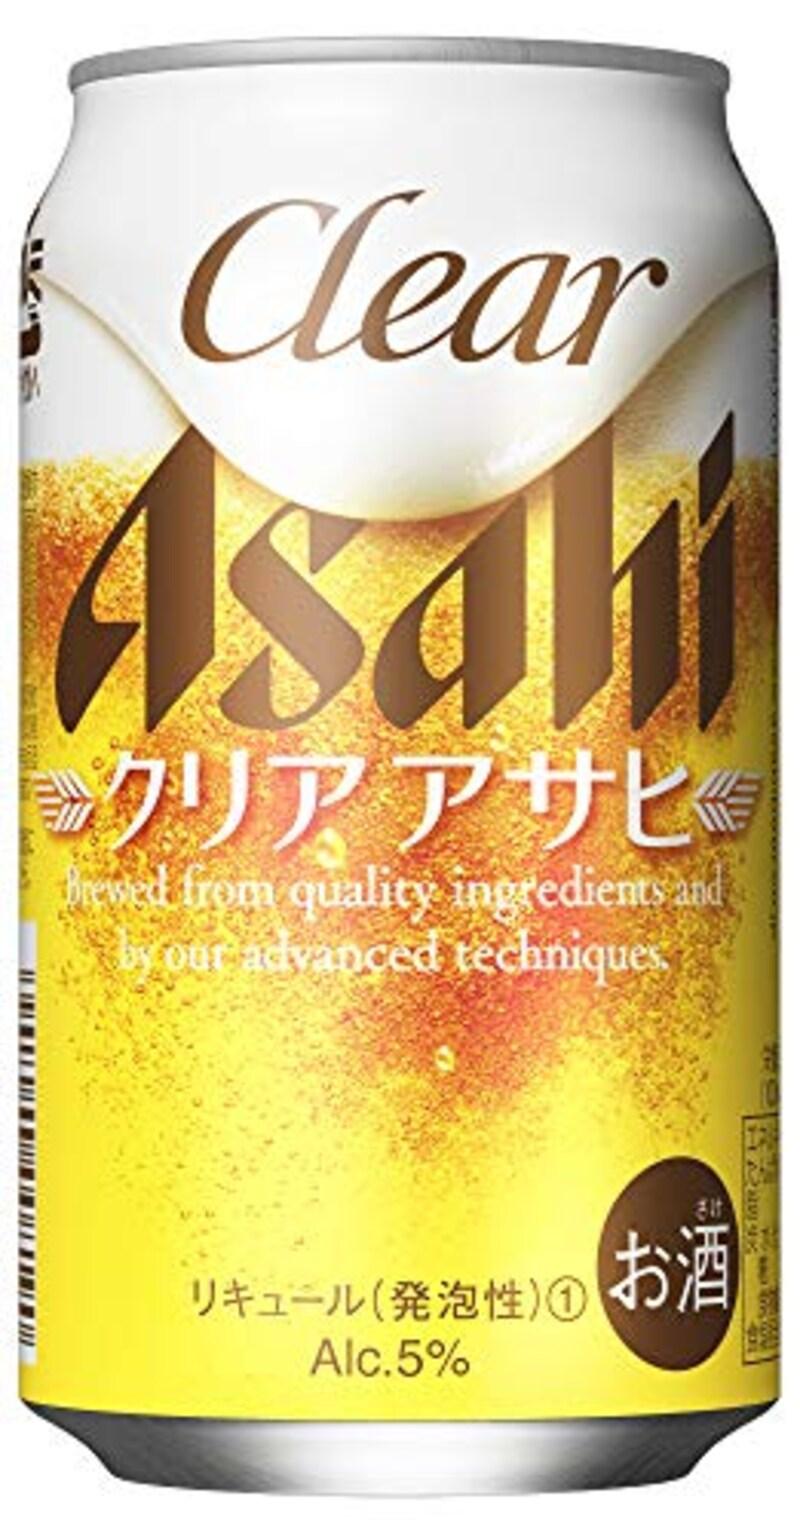 アサヒ,クリアアサヒ 350ml×24本